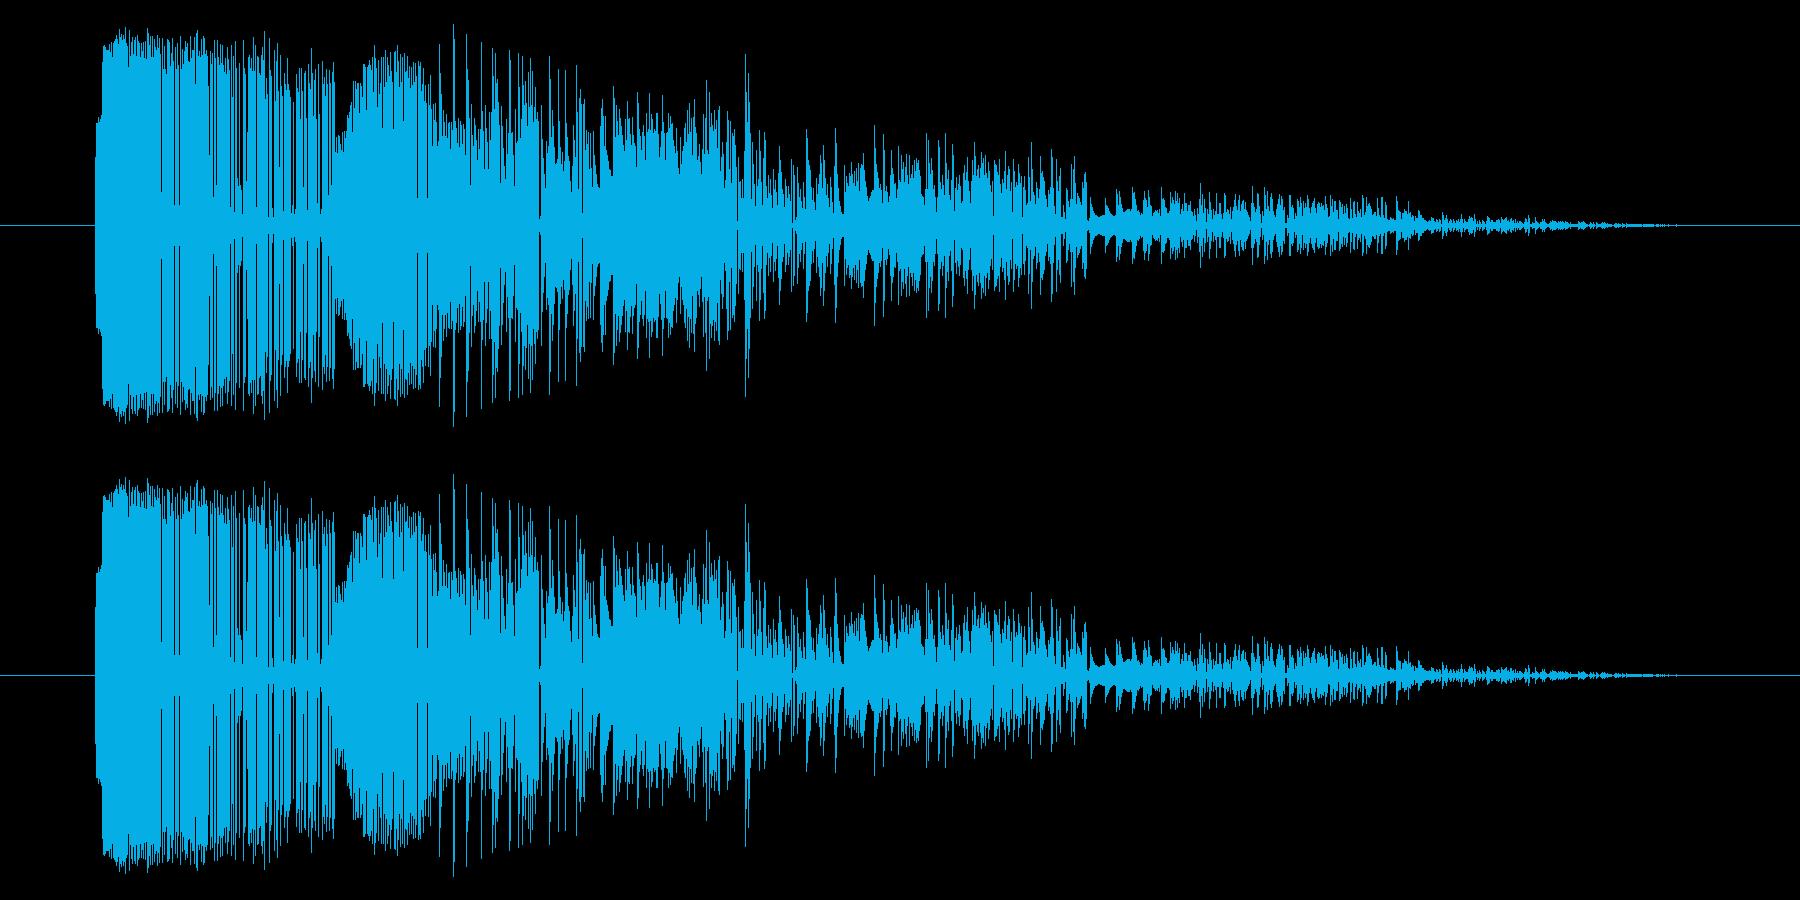 GB シューティング01-06(ミス)の再生済みの波形